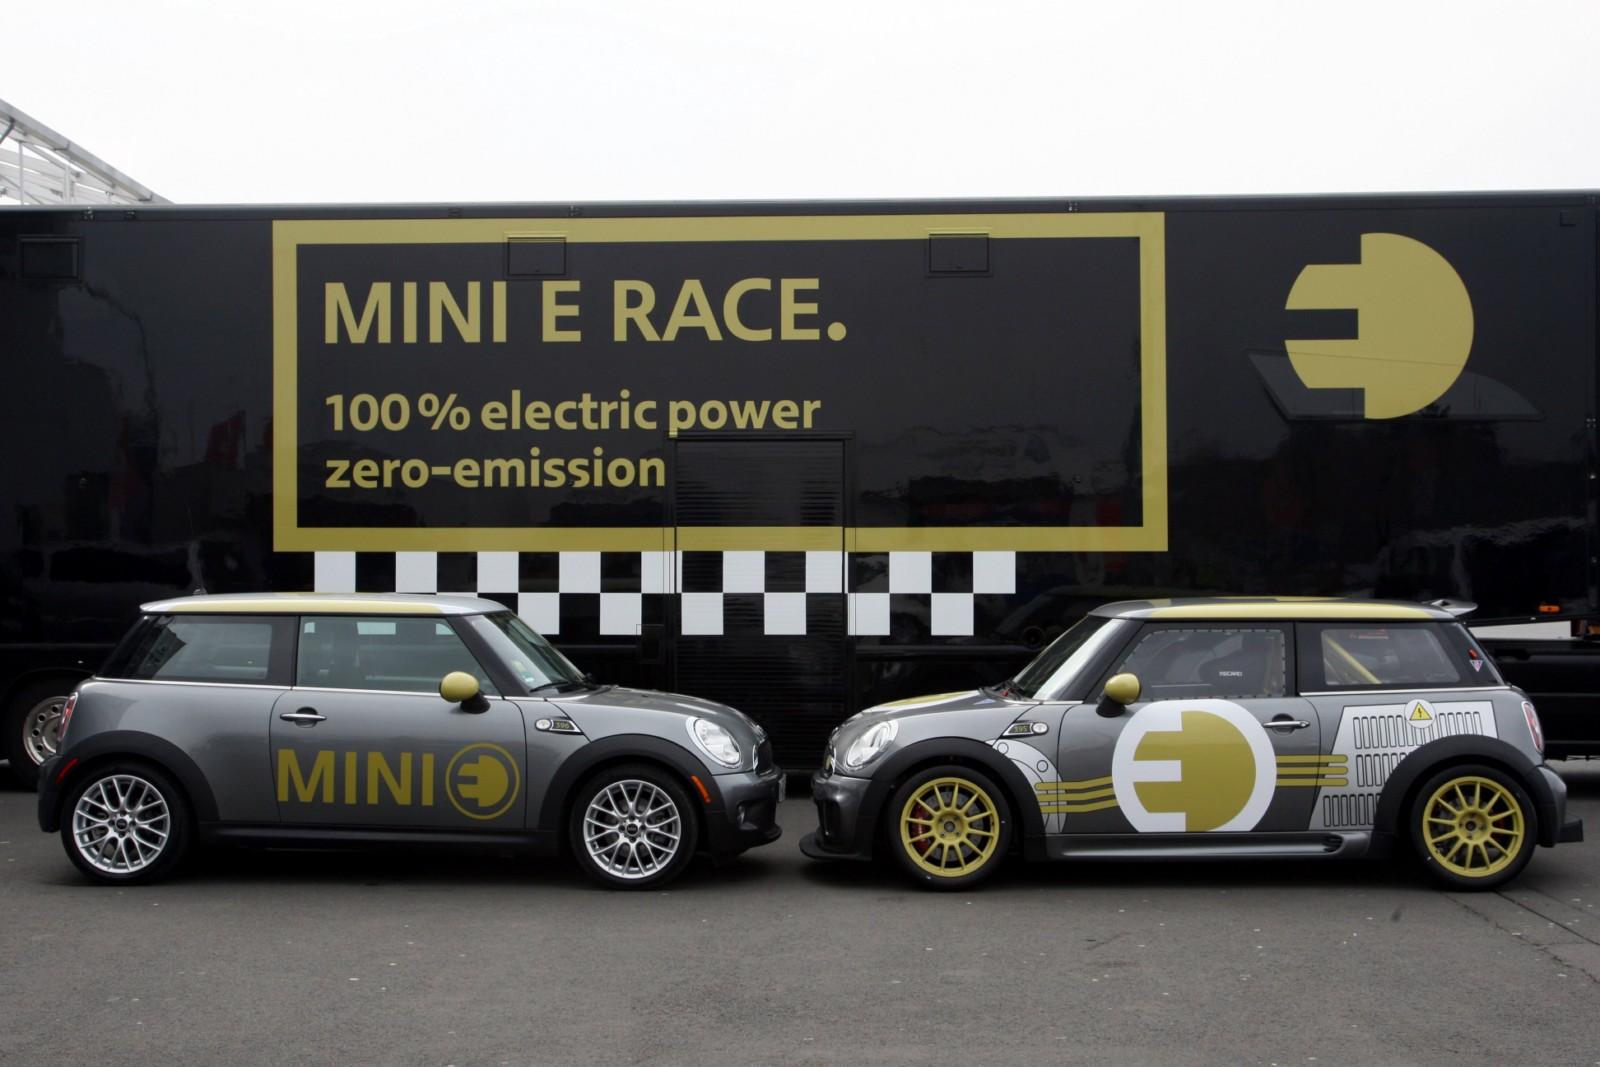 mini e race version 1